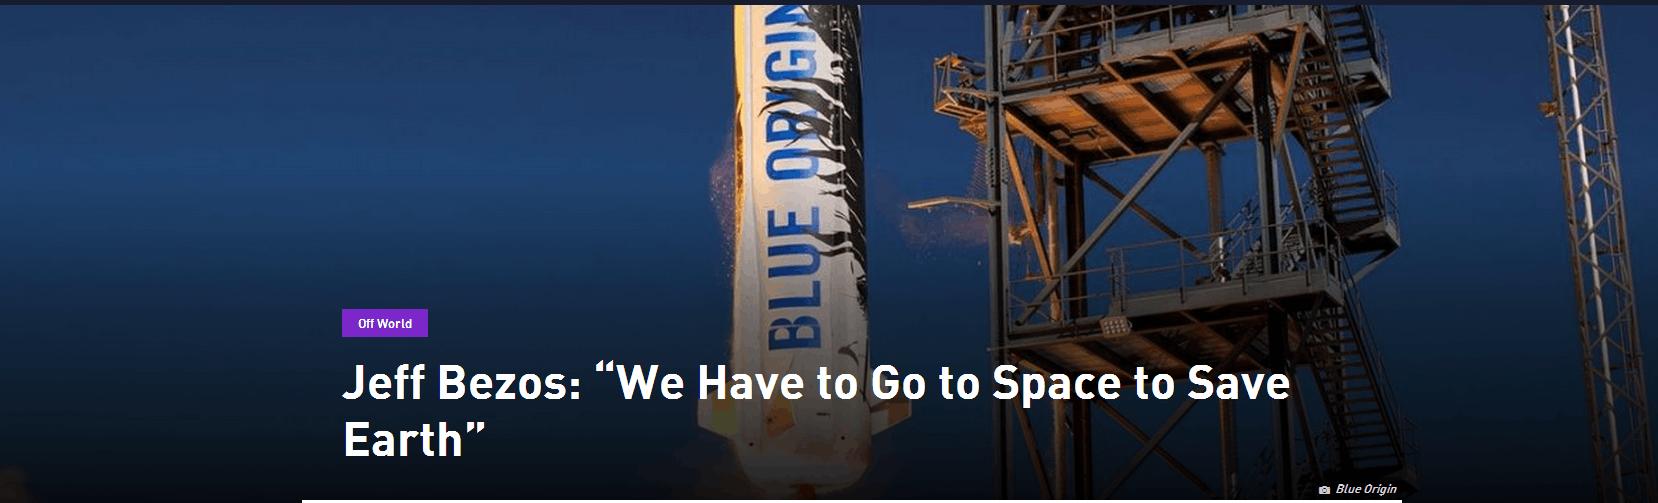 贝索斯的雄心不只是卖货:我们必须去太空拯救地球